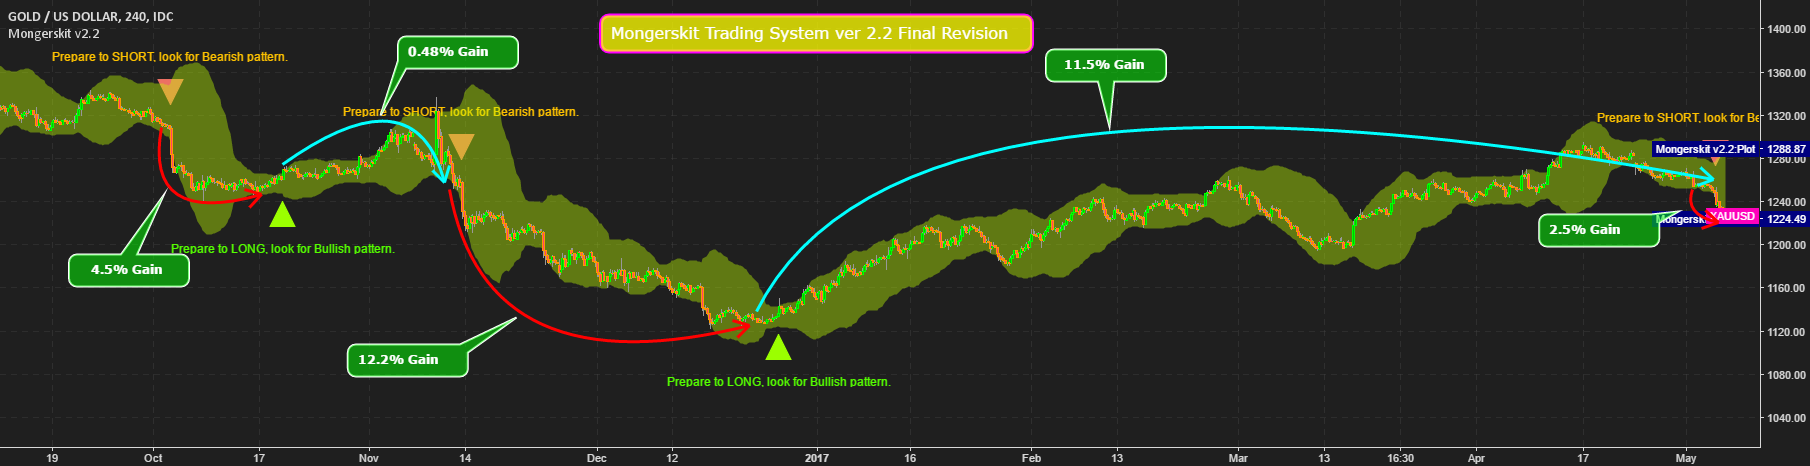 Mongerskit Trading System v2.2 Final revision